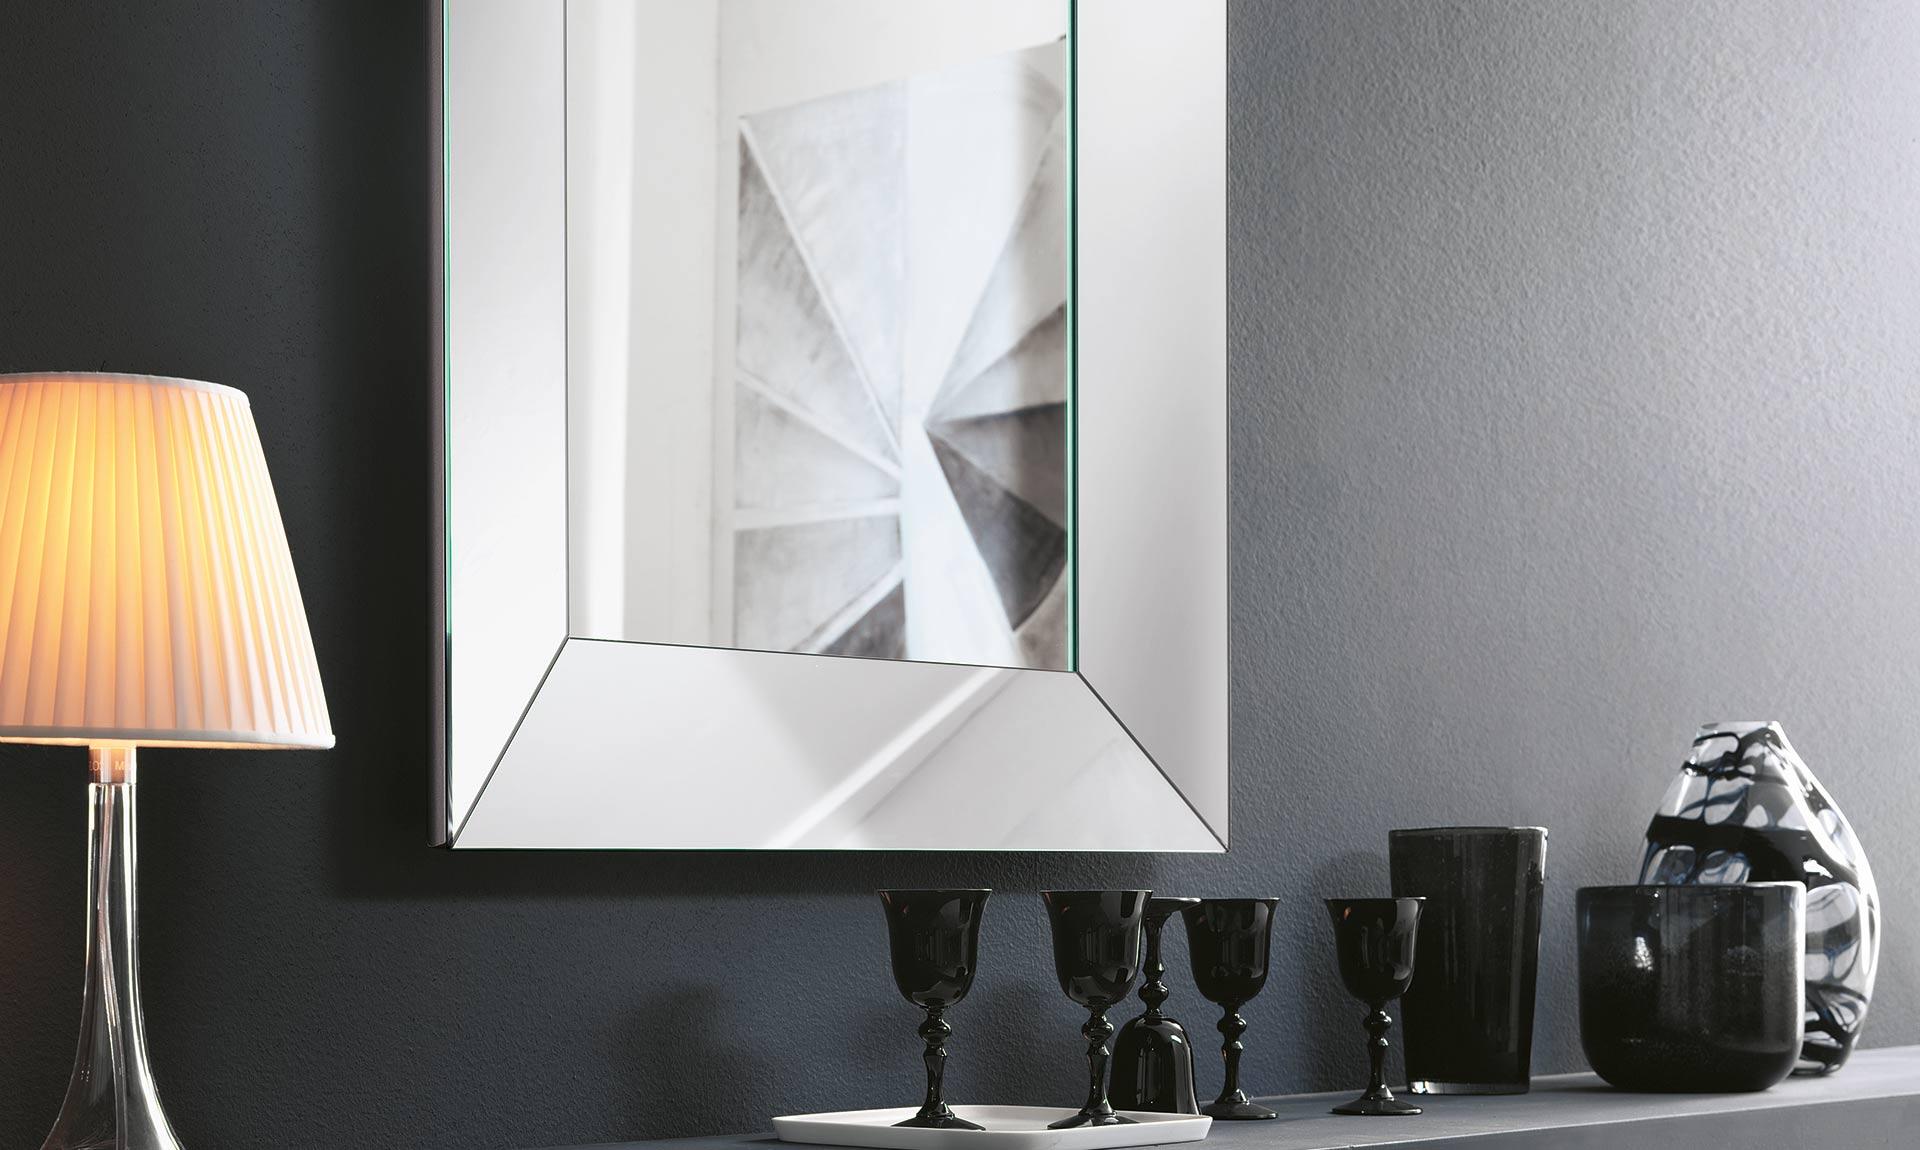 Specchio Da Parete Trapezio Meroni Arreda